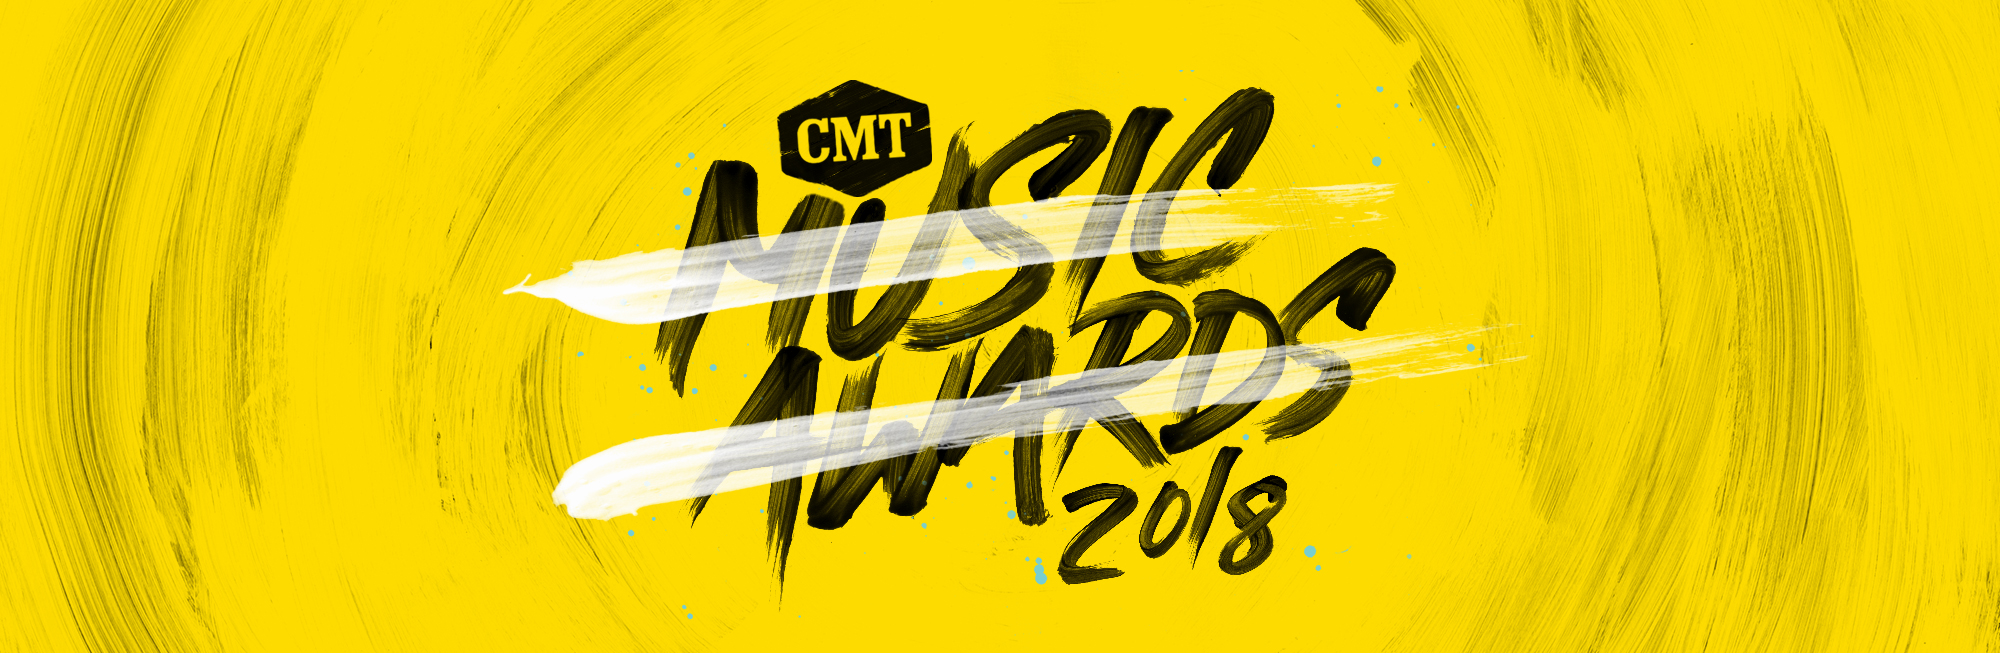 CMTMA18_logo_web.jpg